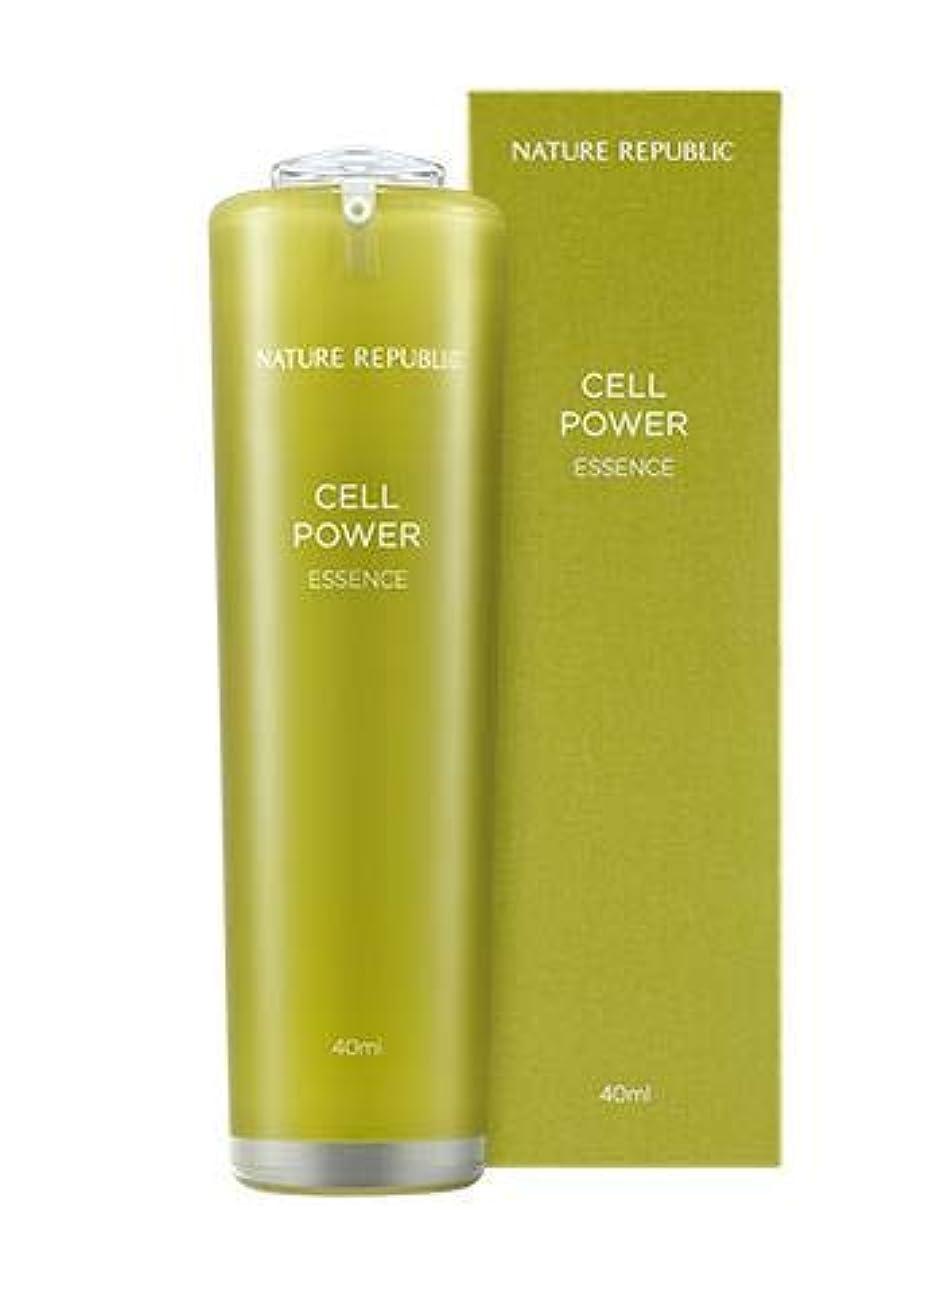 降臨香ばしいけん引Nature Republic Cell Power Essence ネイチャーリパブリック セルパワー エッセンス [並行輸入品]